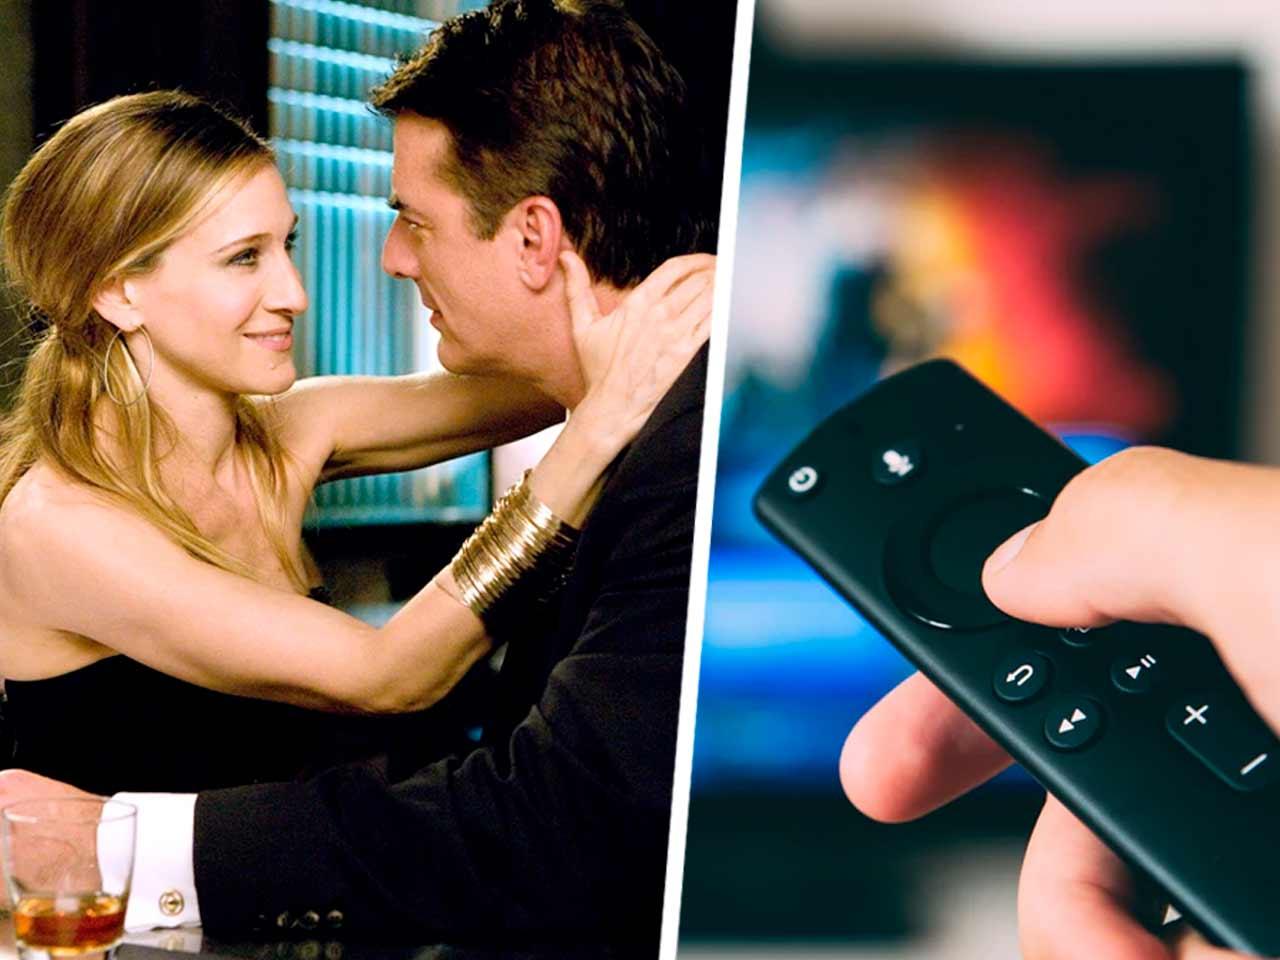 Сценарий сиквела «Секс в большом городе» попал в интернет, у Кэрри с мужем разлад в браке